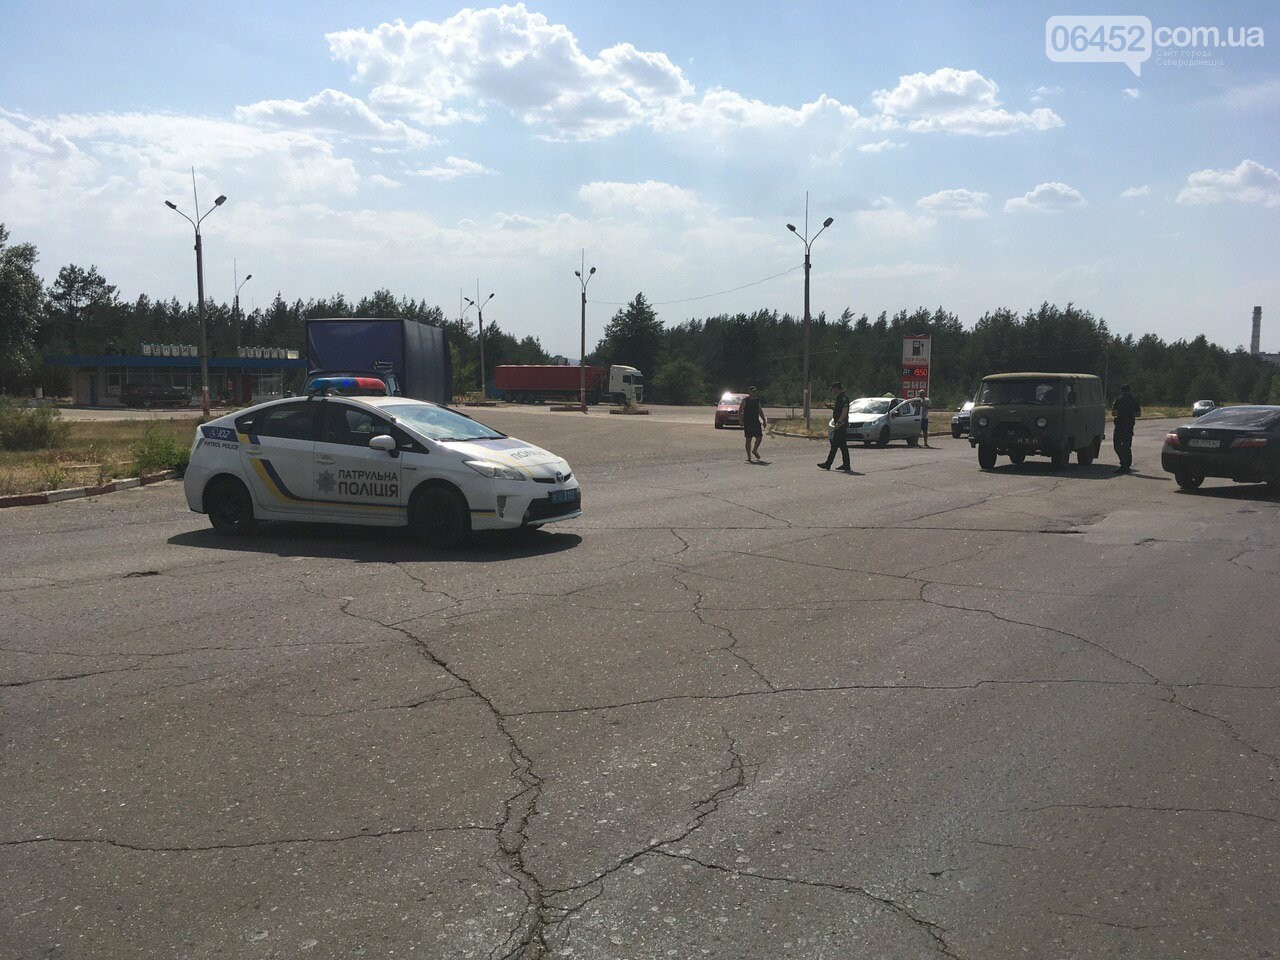 Масштабный пожар в Новоайдарском районе продолжает разрастаться (фото, видео), фото-5